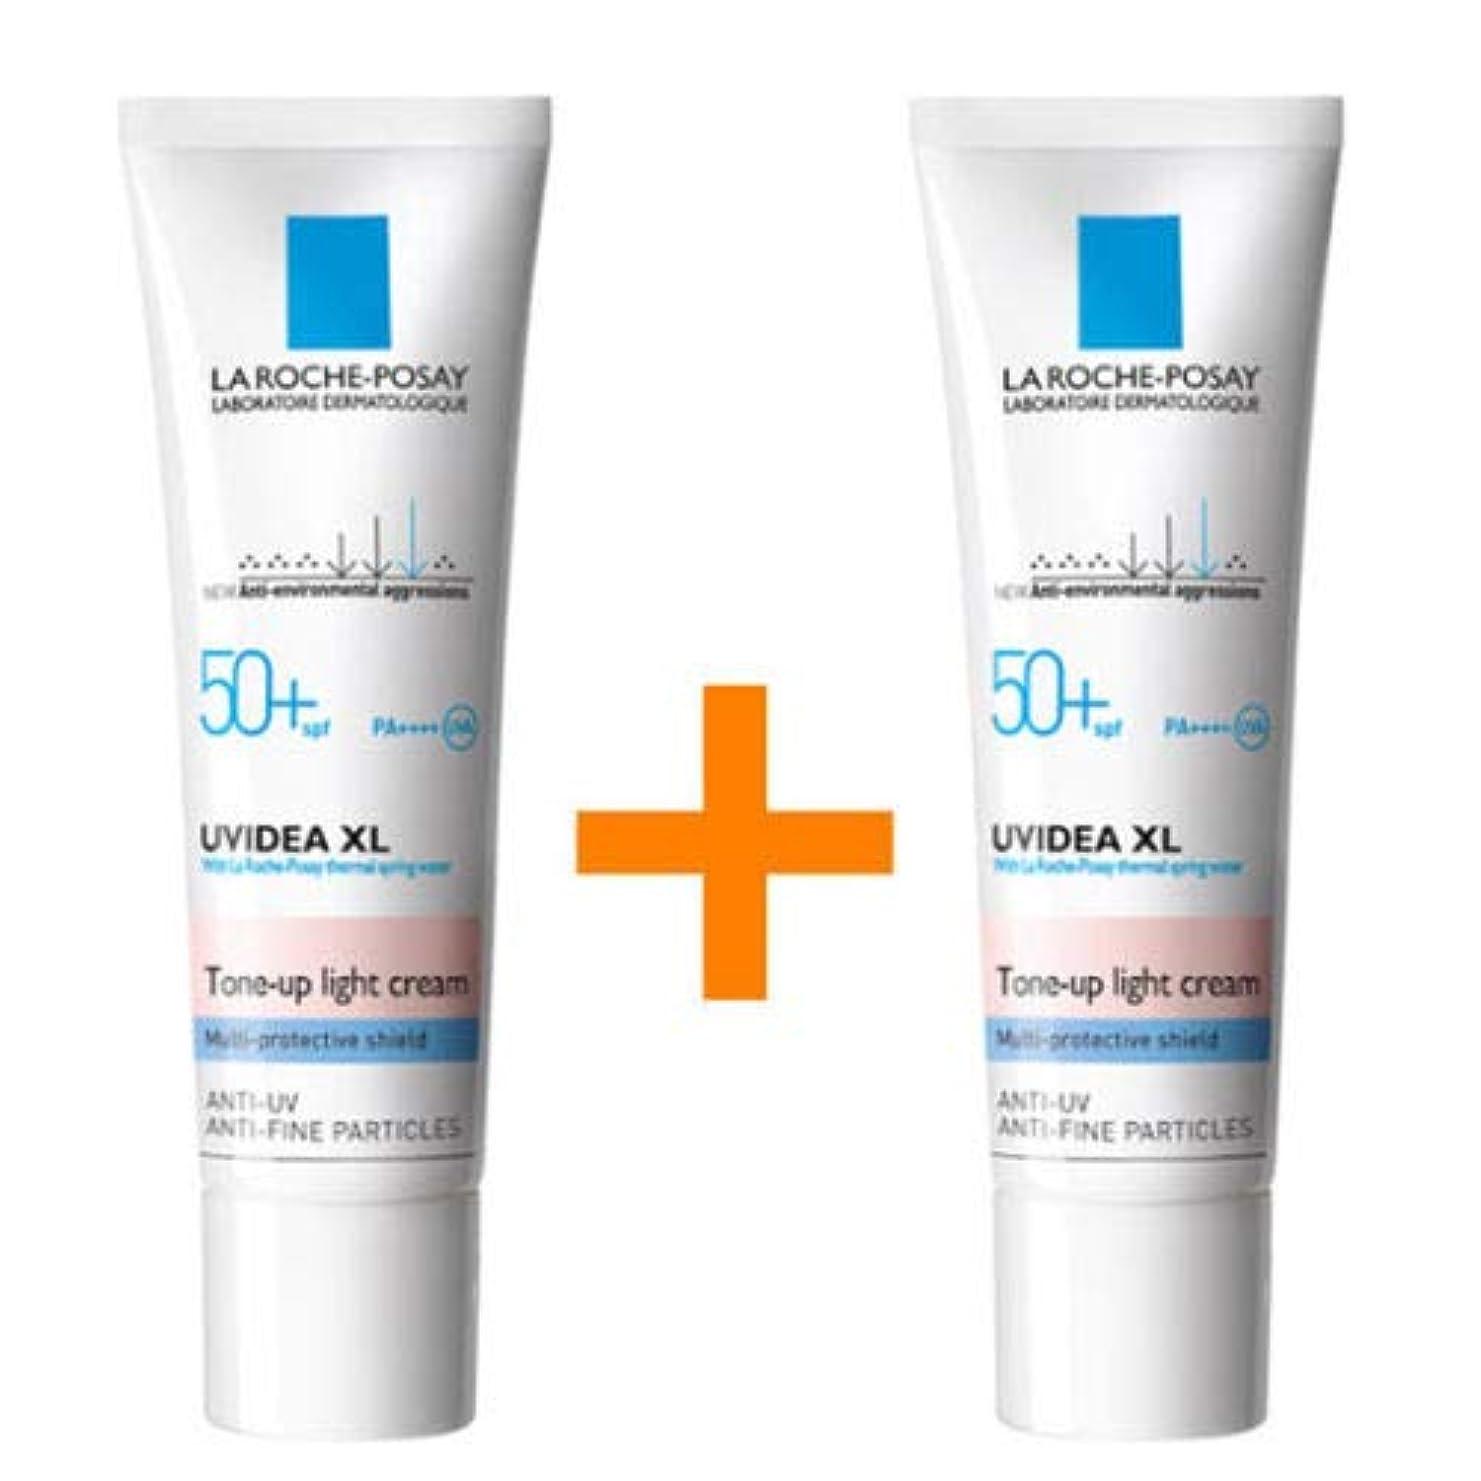 氏作者拾う[1+1] La Roche-Posay ラロッシュポゼ UVイデア XL プロテクショントーンアップ Uvidea XL Tone-up Light Cream (30ml)